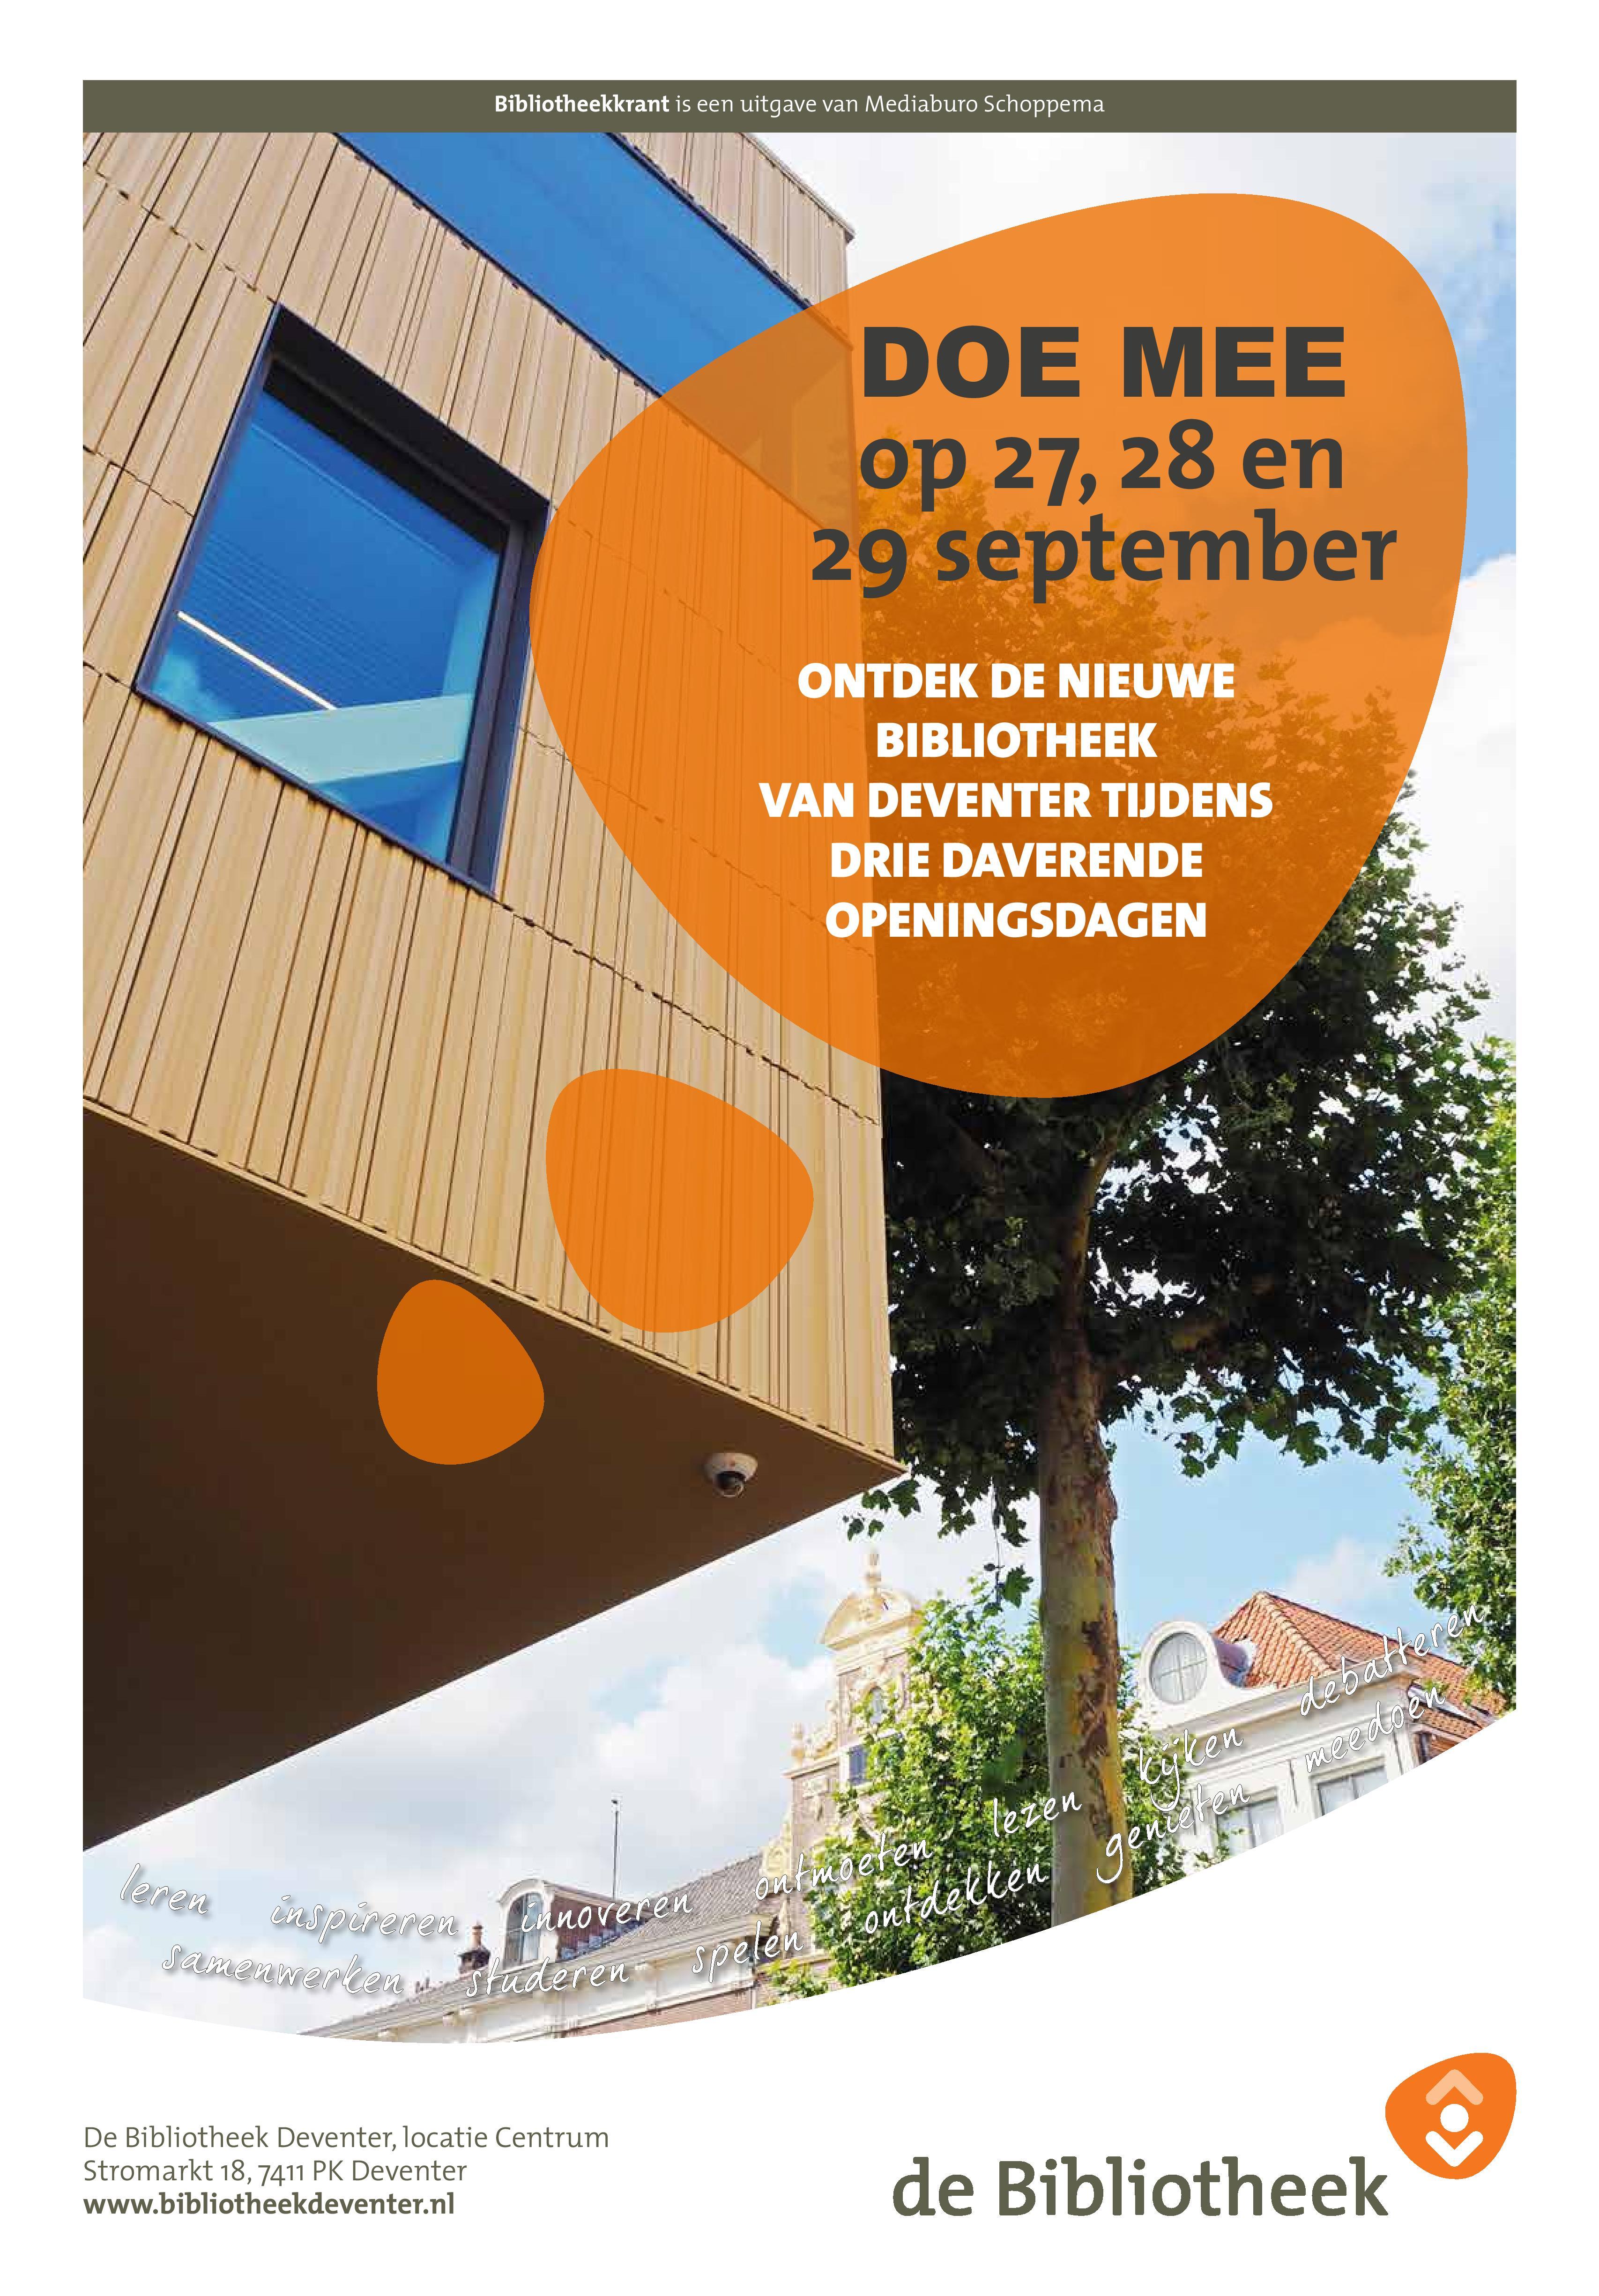 Bibliotheekkrant Deventer 2018-page-001